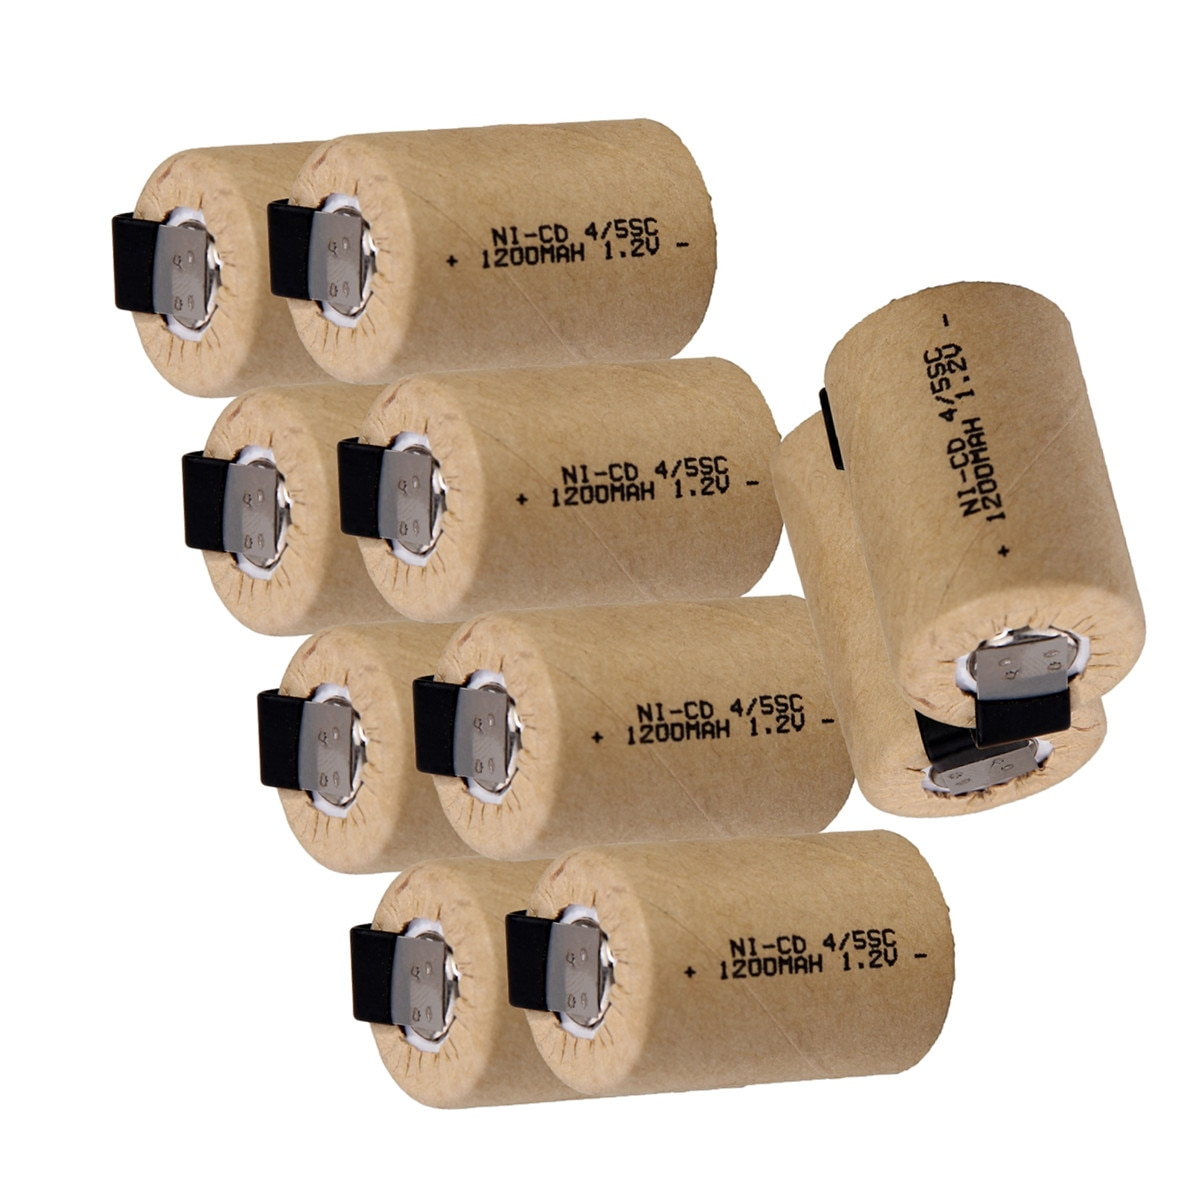 Yeckpowo 10 pièces outil électrique 4/5SC batterie perceuse électrique nicd 1.2v 1200mAh tournevis subc batteries pour black & decker pour B & D